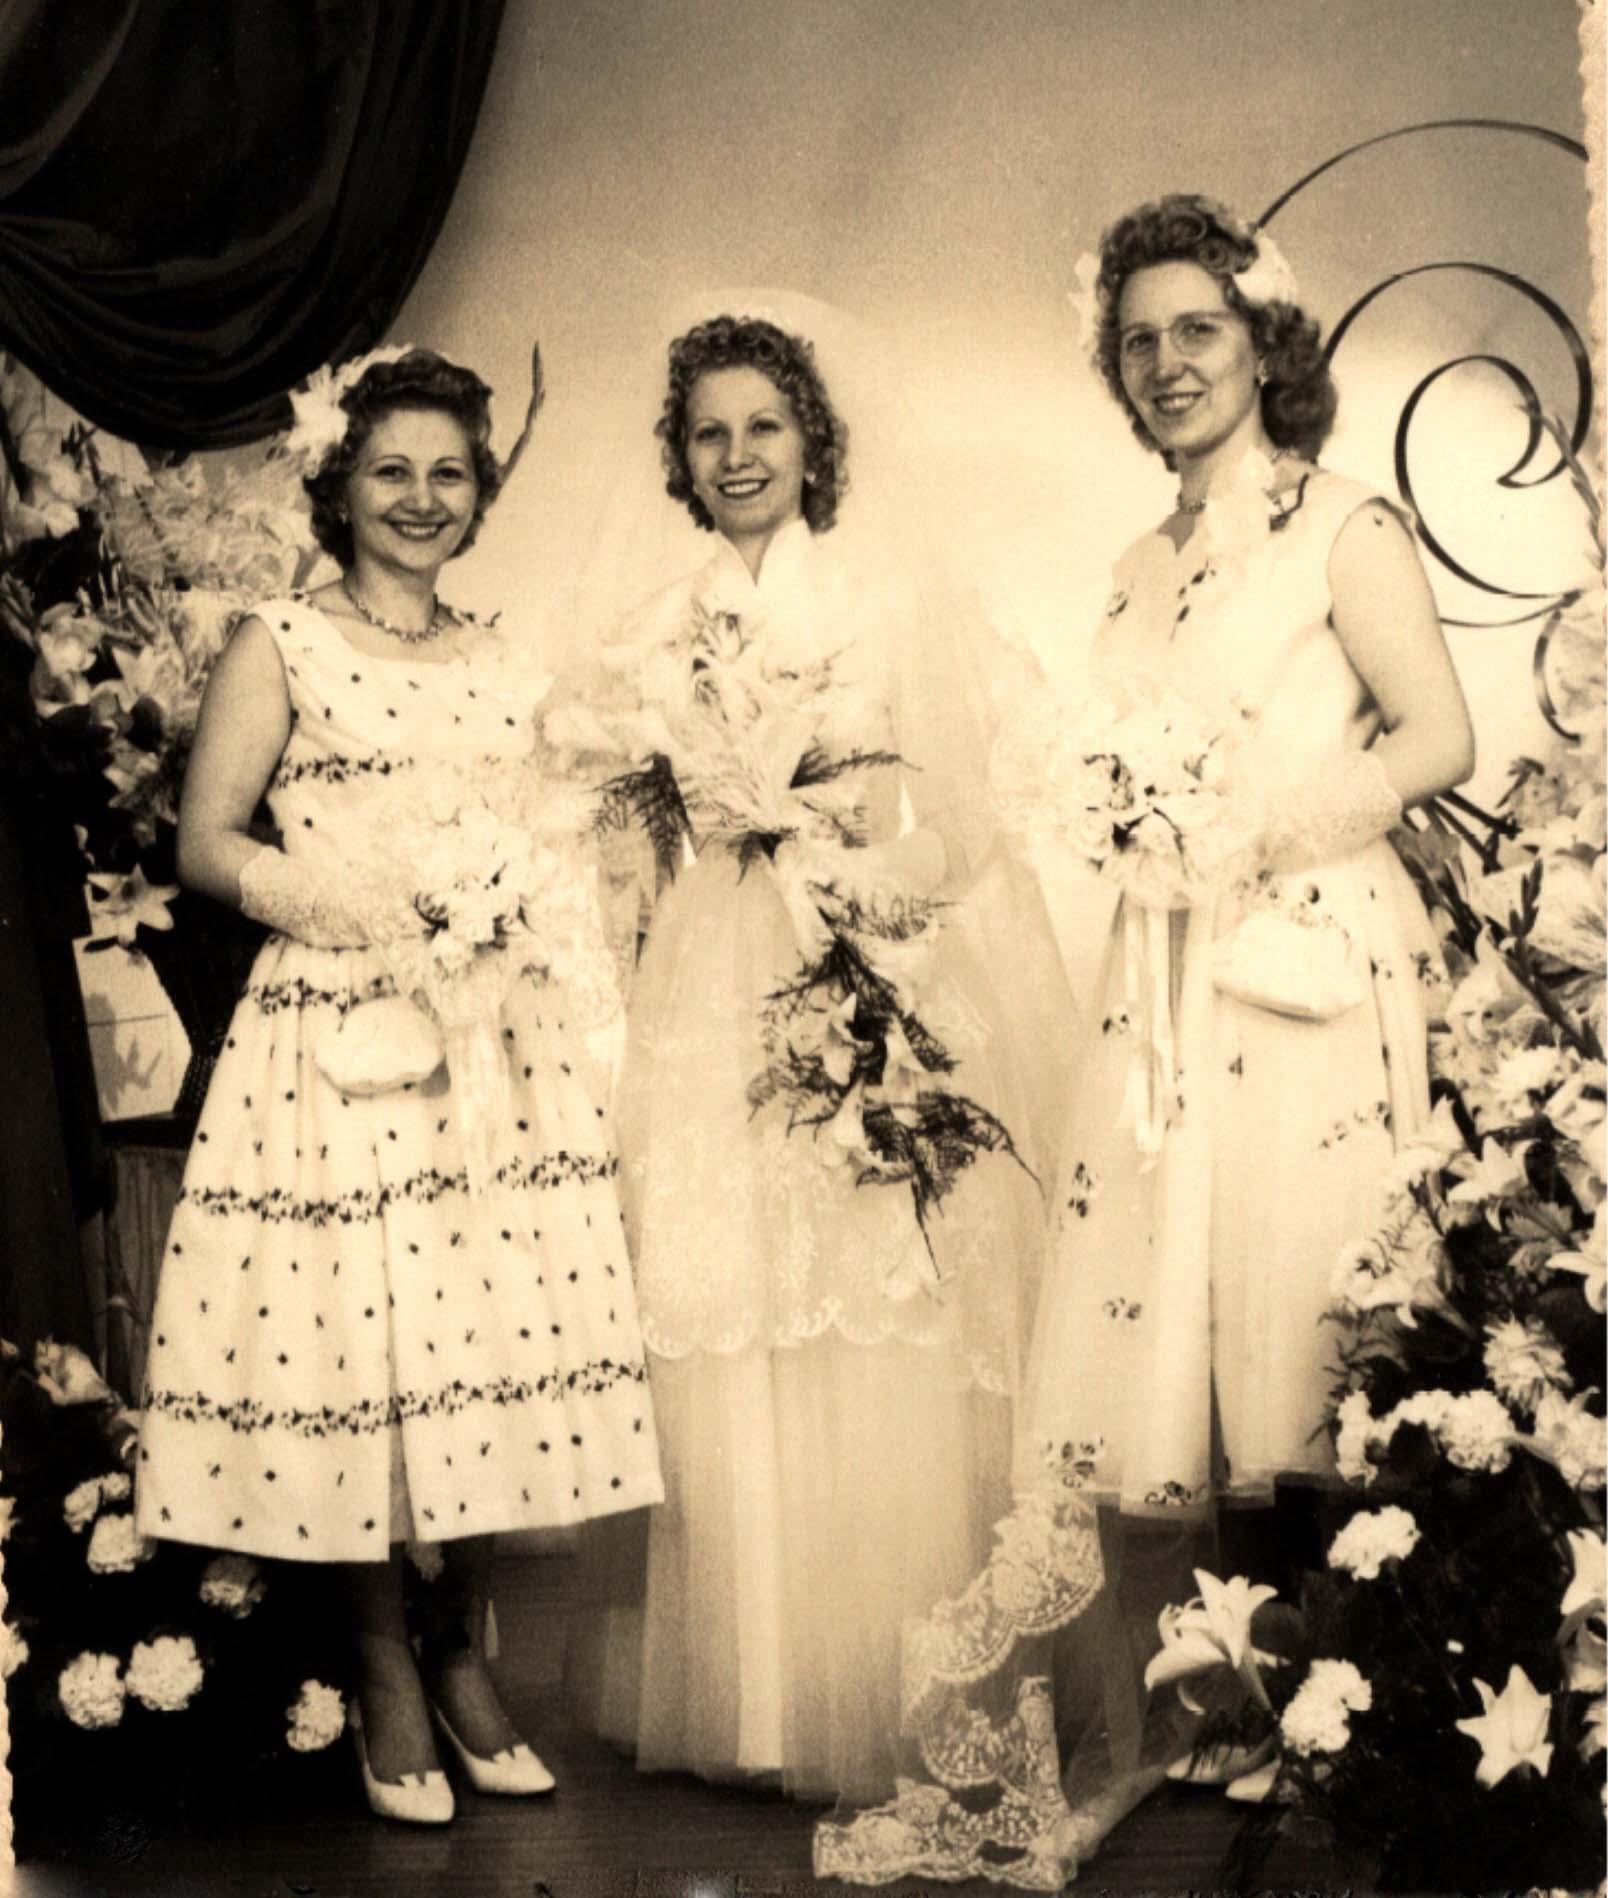 Couples et familles - BOULAY Denise à gauche - BOULAY Rolande au centre - BOULAY Juliette, Eugénie, Renée à droite - Mes tantes et ma mère - 1959 (Sylvie Leveau)